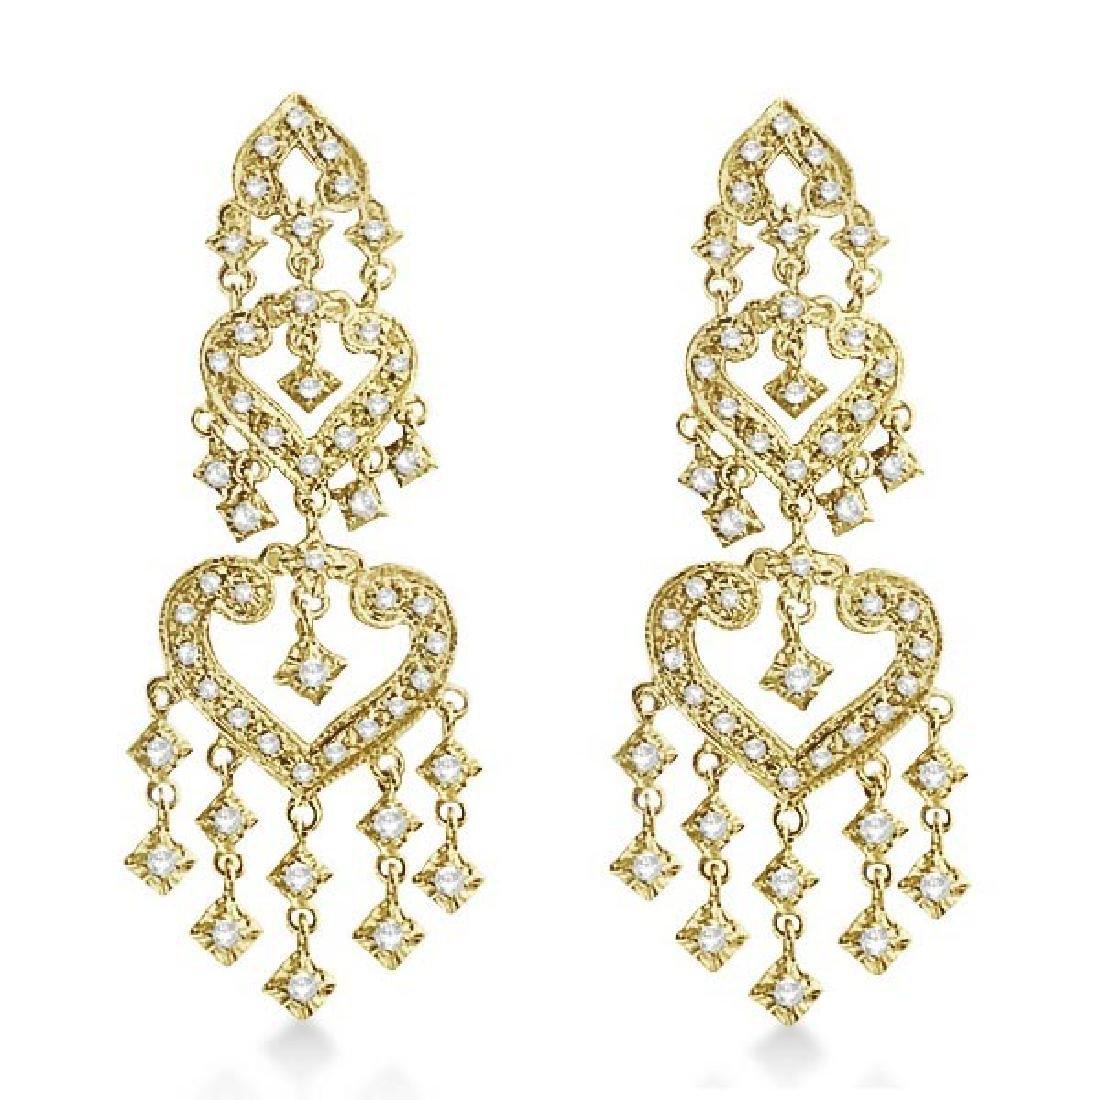 Diamond Chandelier Earrings in 14k Yellow Gold (1.01ct)